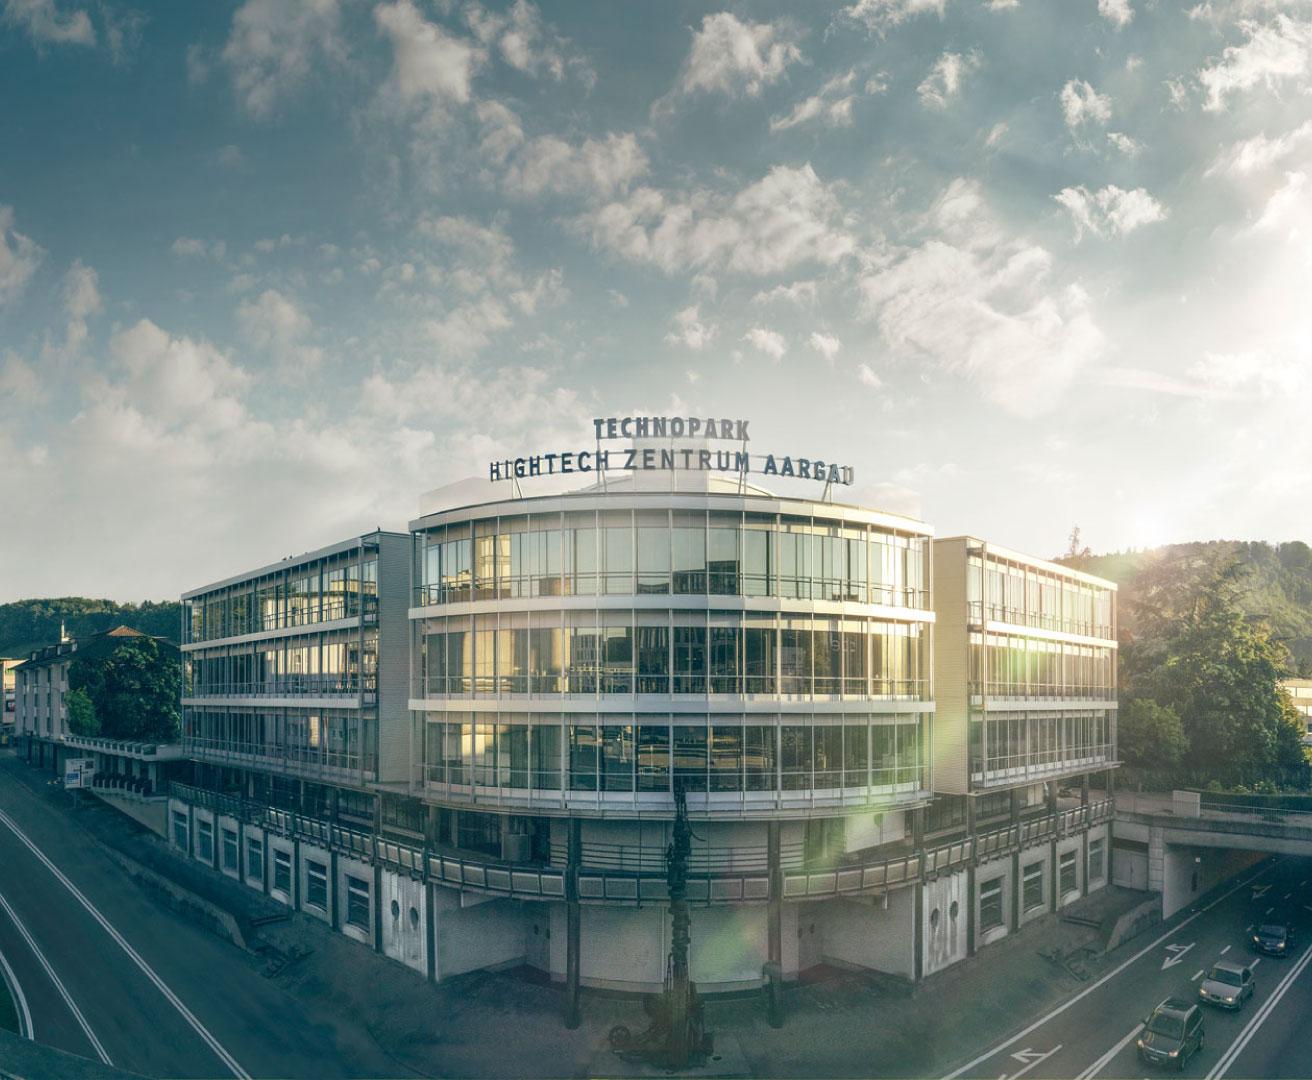 Digitalisierung im Gewerbe fand im Hightech Zentrum Aargau AG statt, Sicht von Aussen des Gebäudes